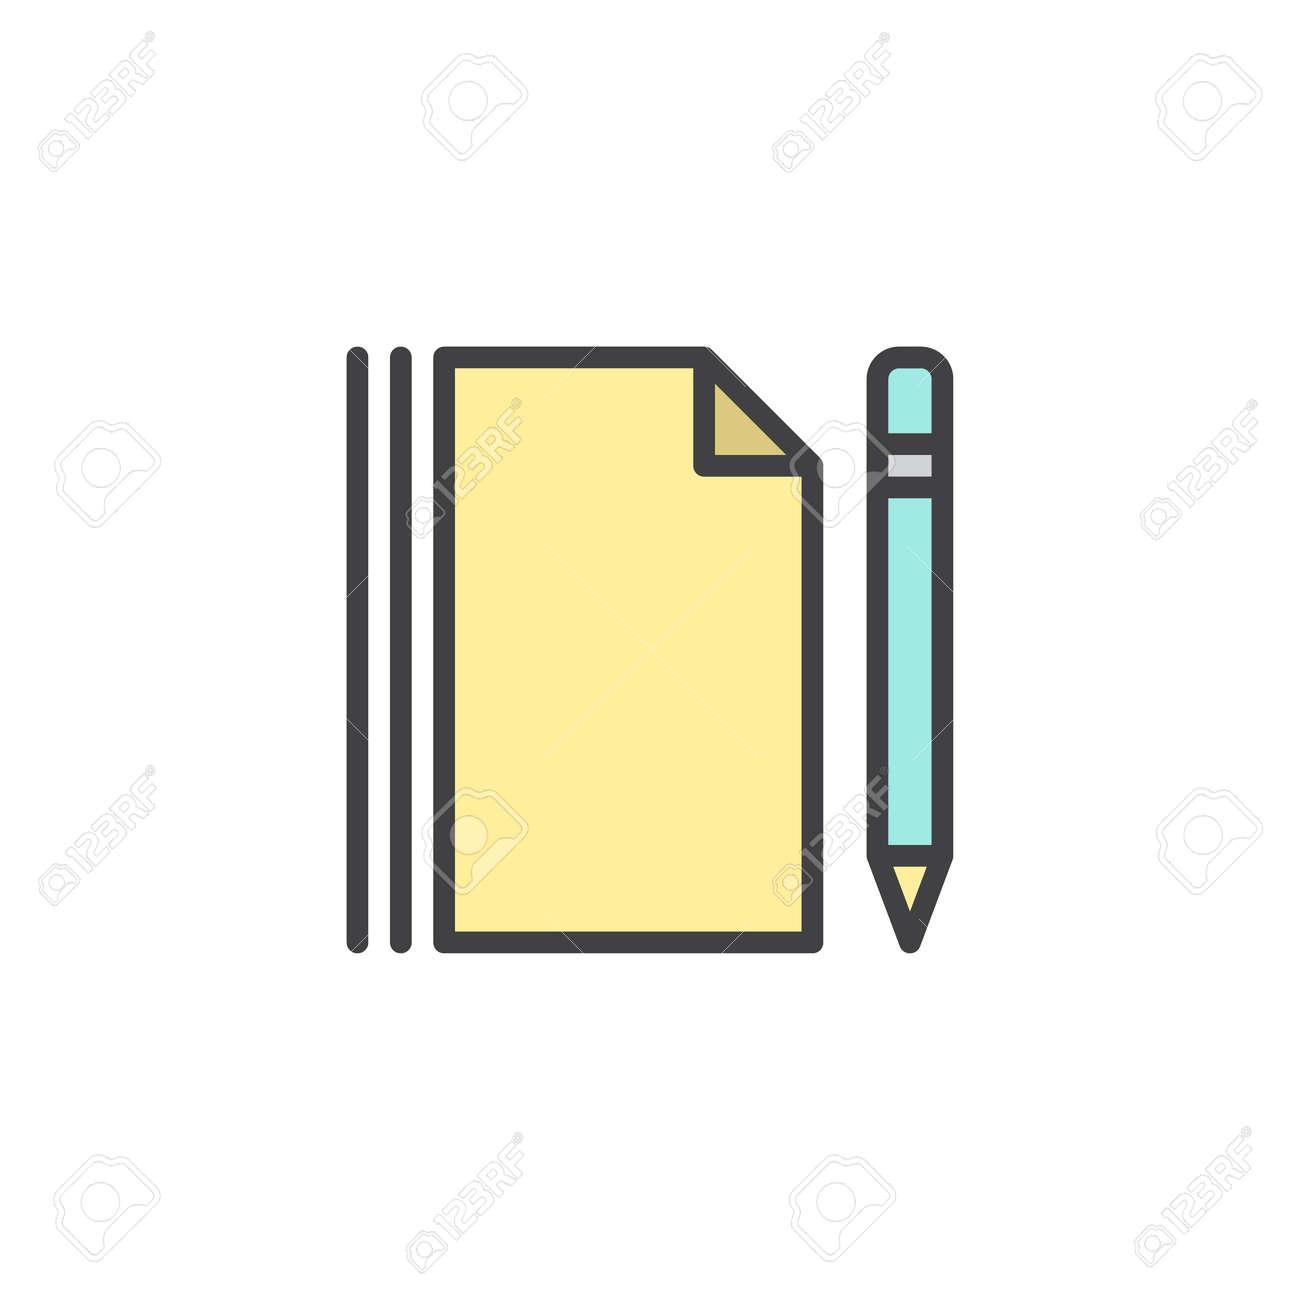 Feuille De Papier Vierge Et Icone De Contour Rempli De Stylo Signe De Vecteur De Ligne Pictogramme Colore Lineaire Isole Sur Blanc Page De Notes Et Symbole De Crayon Illustration Graphiques Vectoriels